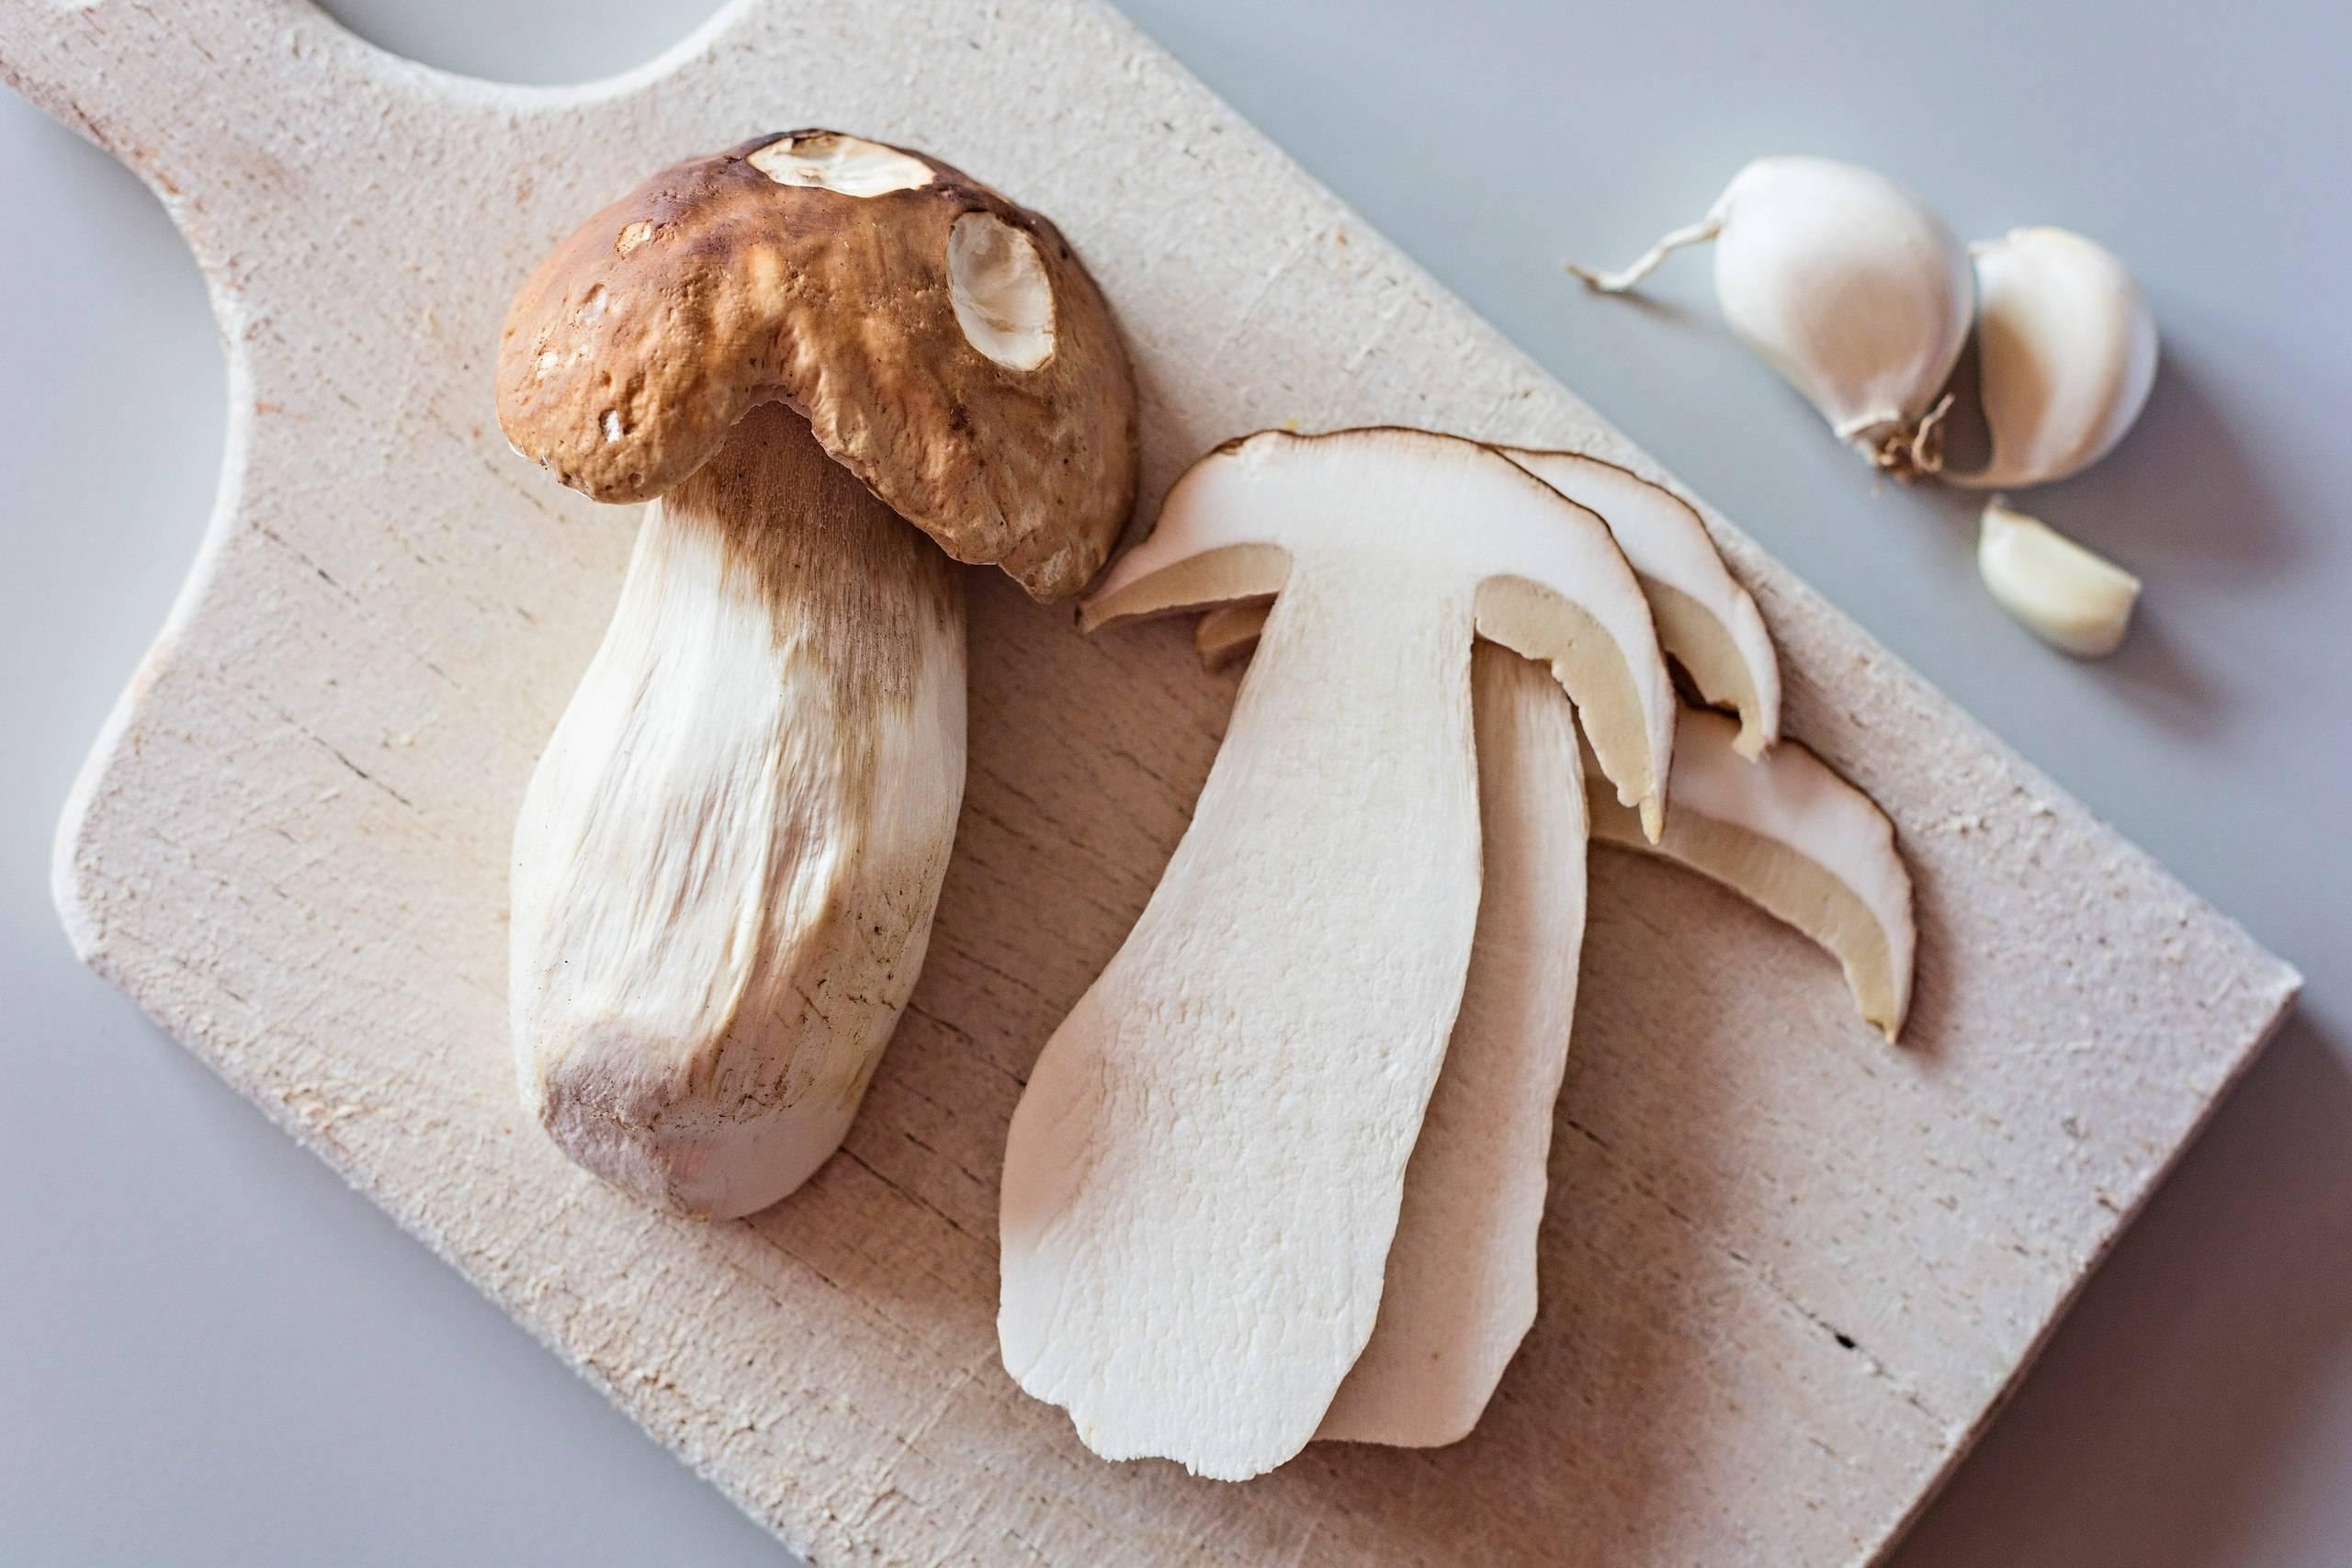 Как подготовить грибы к употреблению в пищу? советы +видео